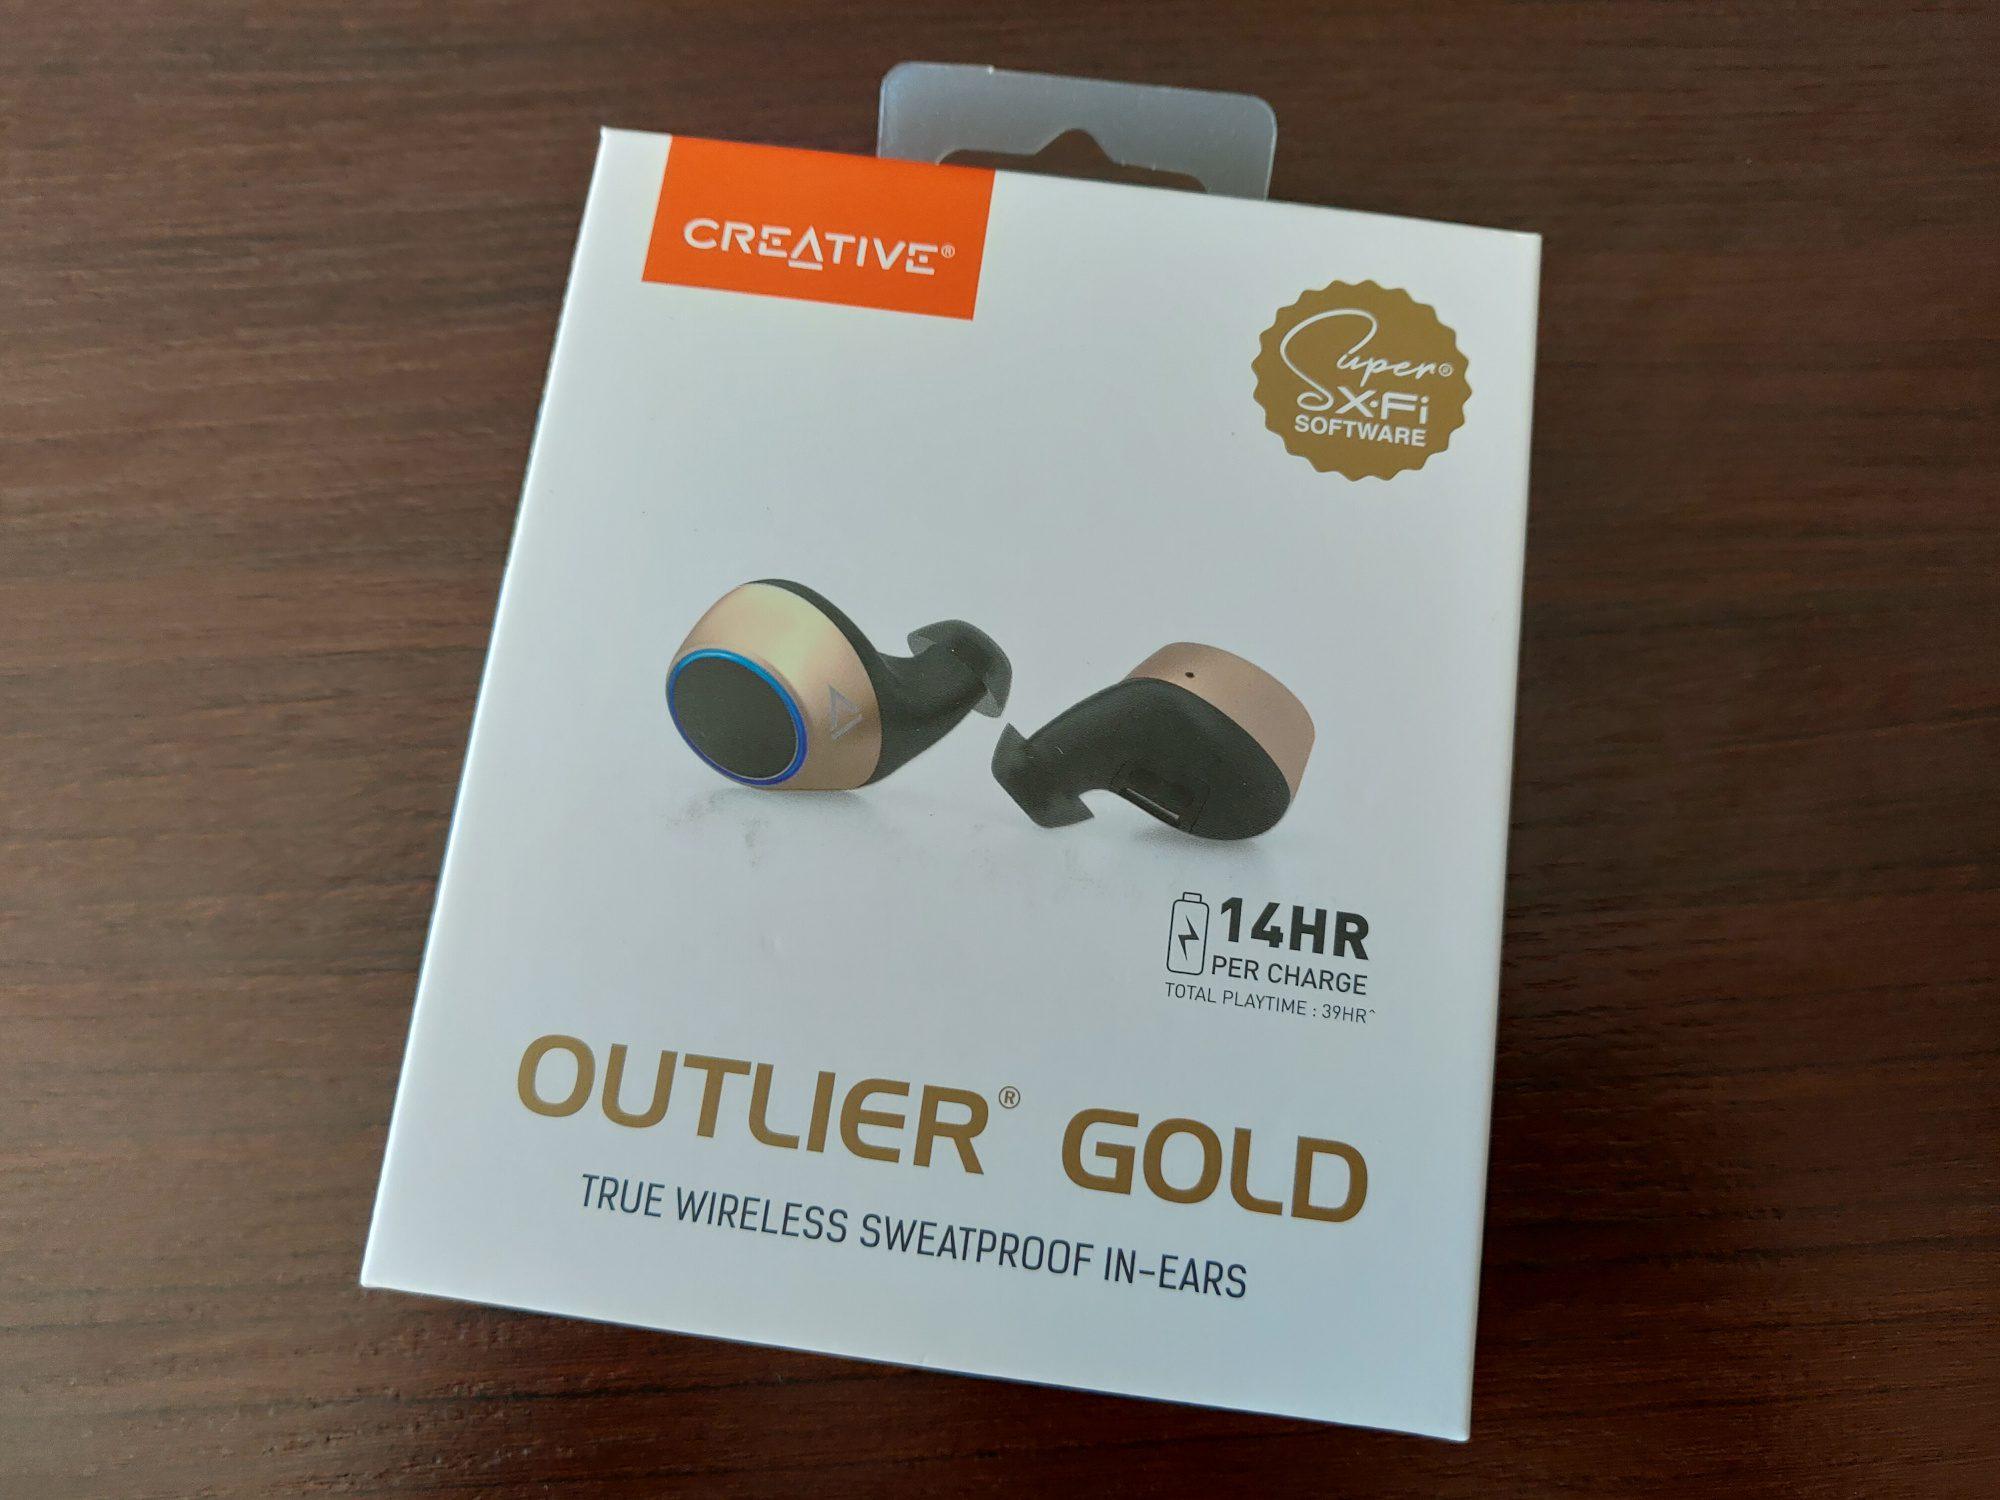 Creative Outlier Gold pudełko